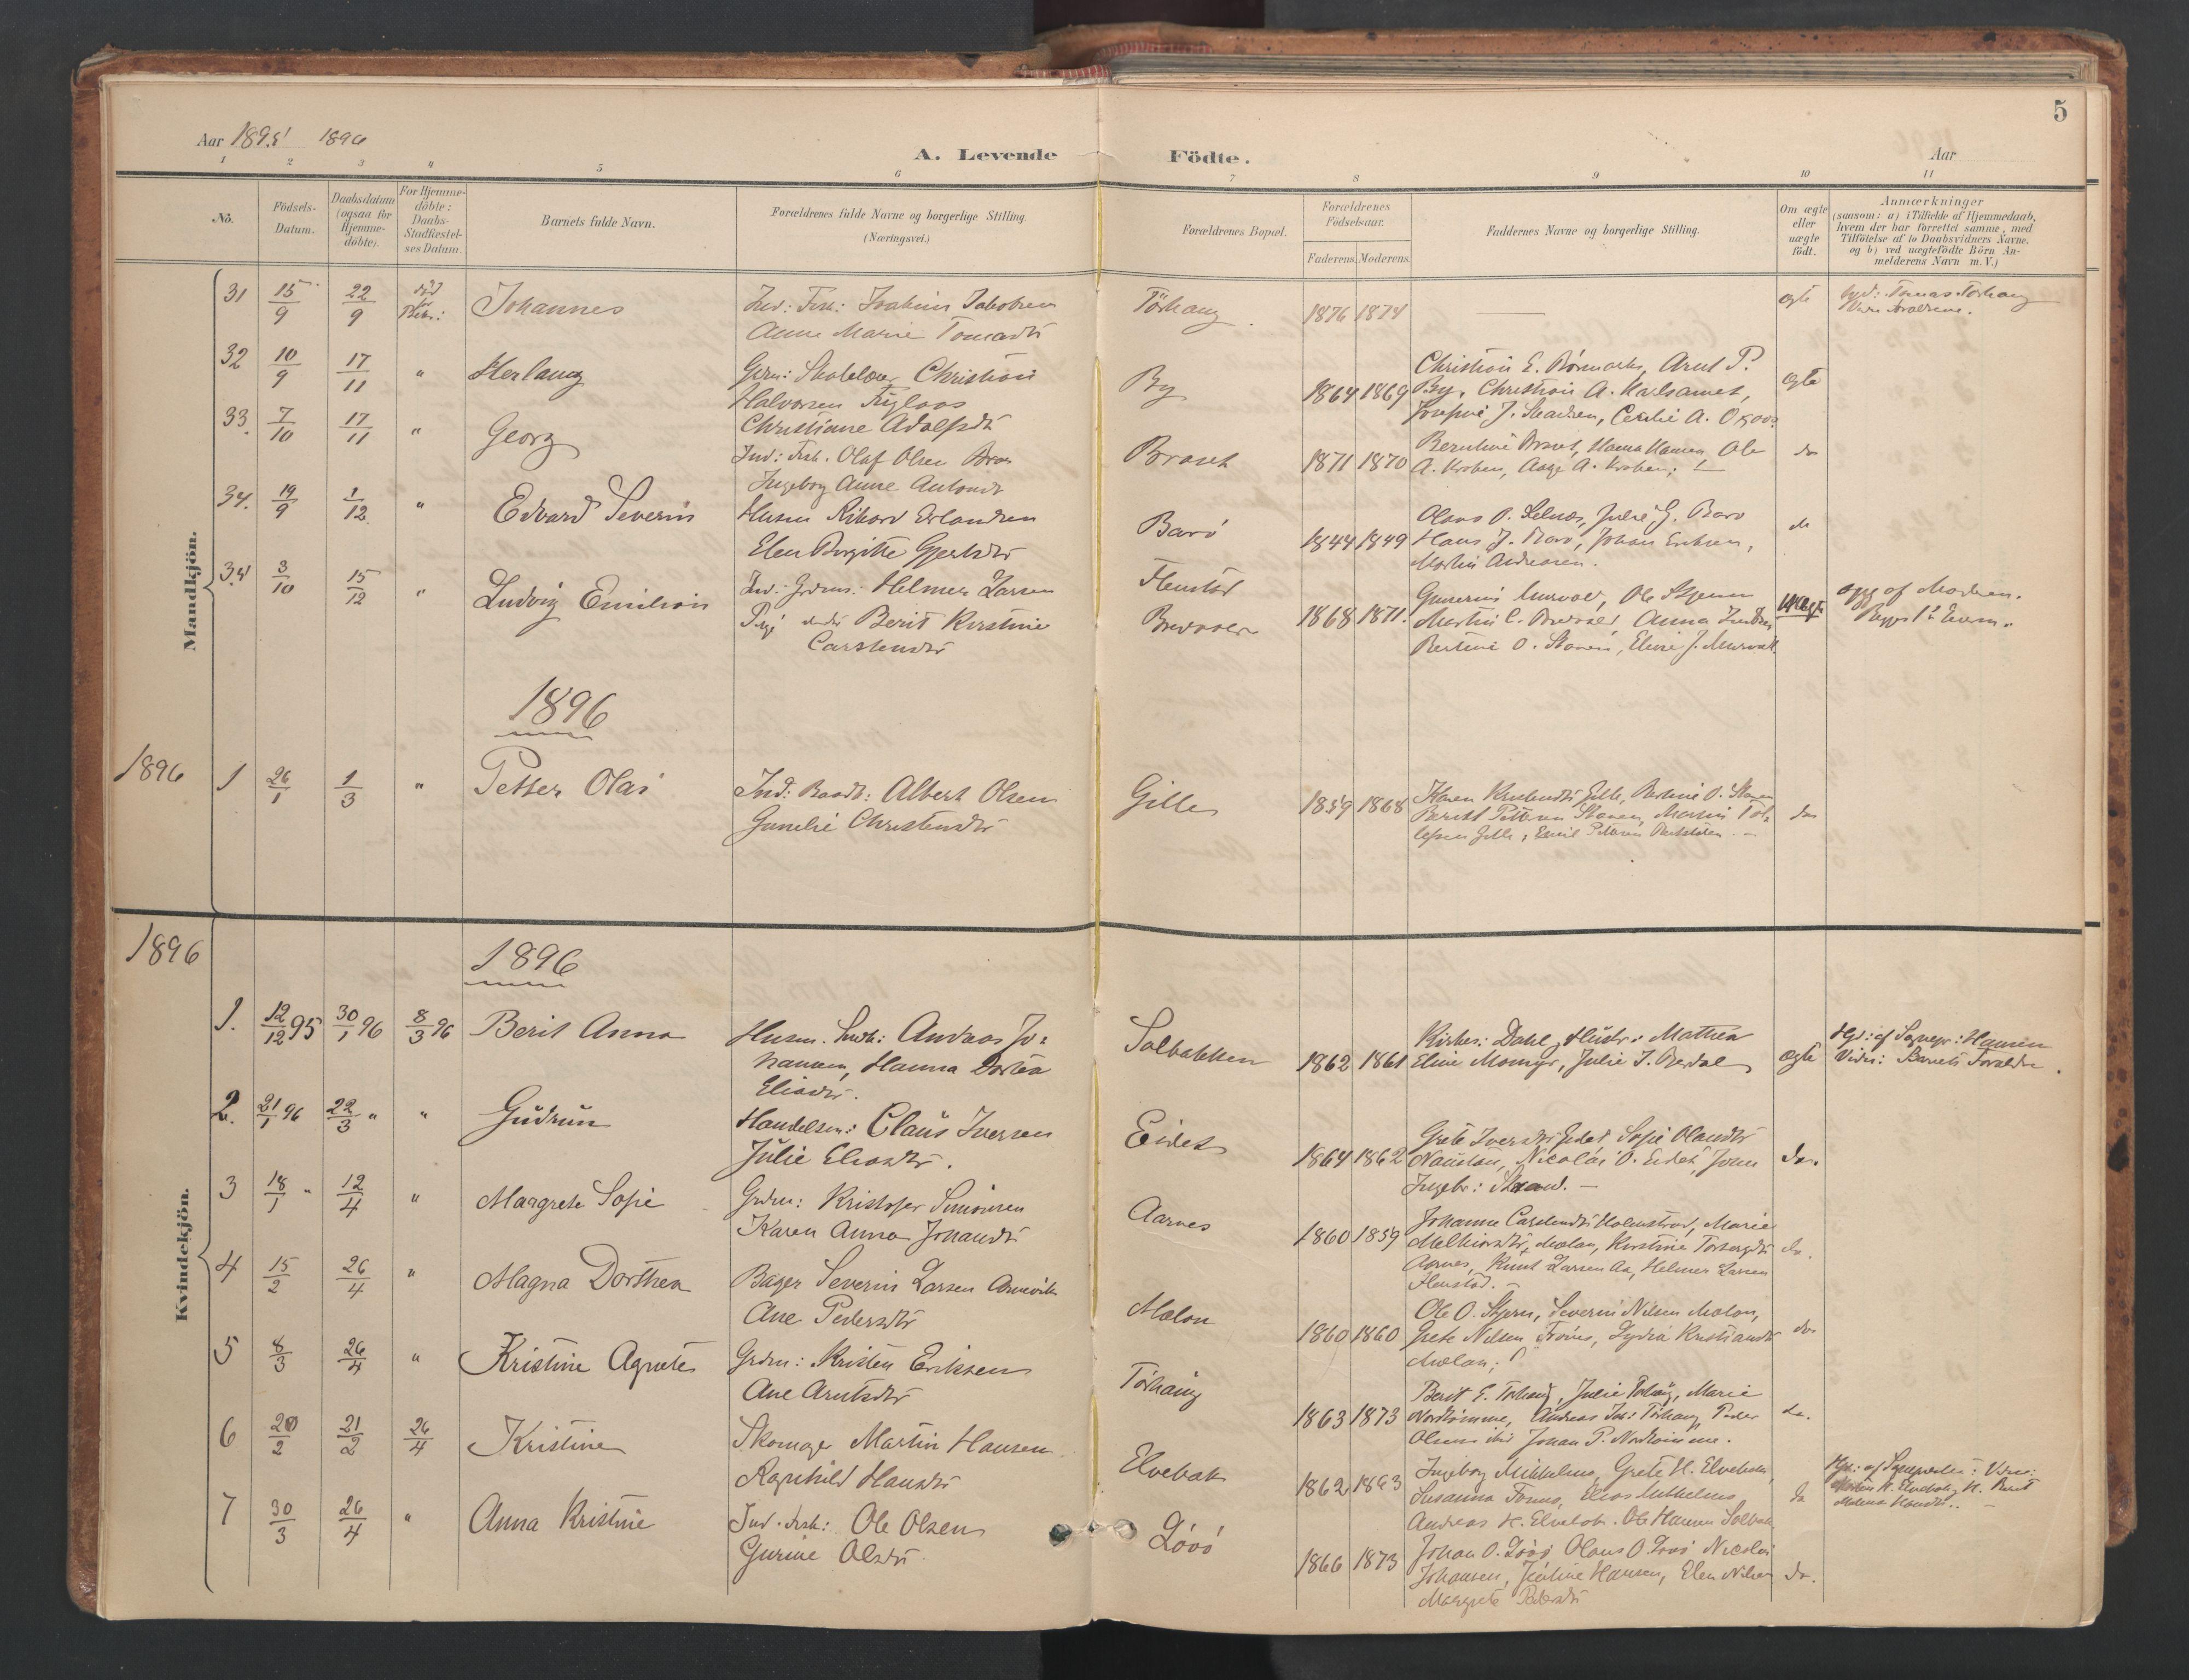 SAT, Ministerialprotokoller, klokkerbøker og fødselsregistre - Sør-Trøndelag, 655/L0681: Ministerialbok nr. 655A10, 1895-1907, s. 5